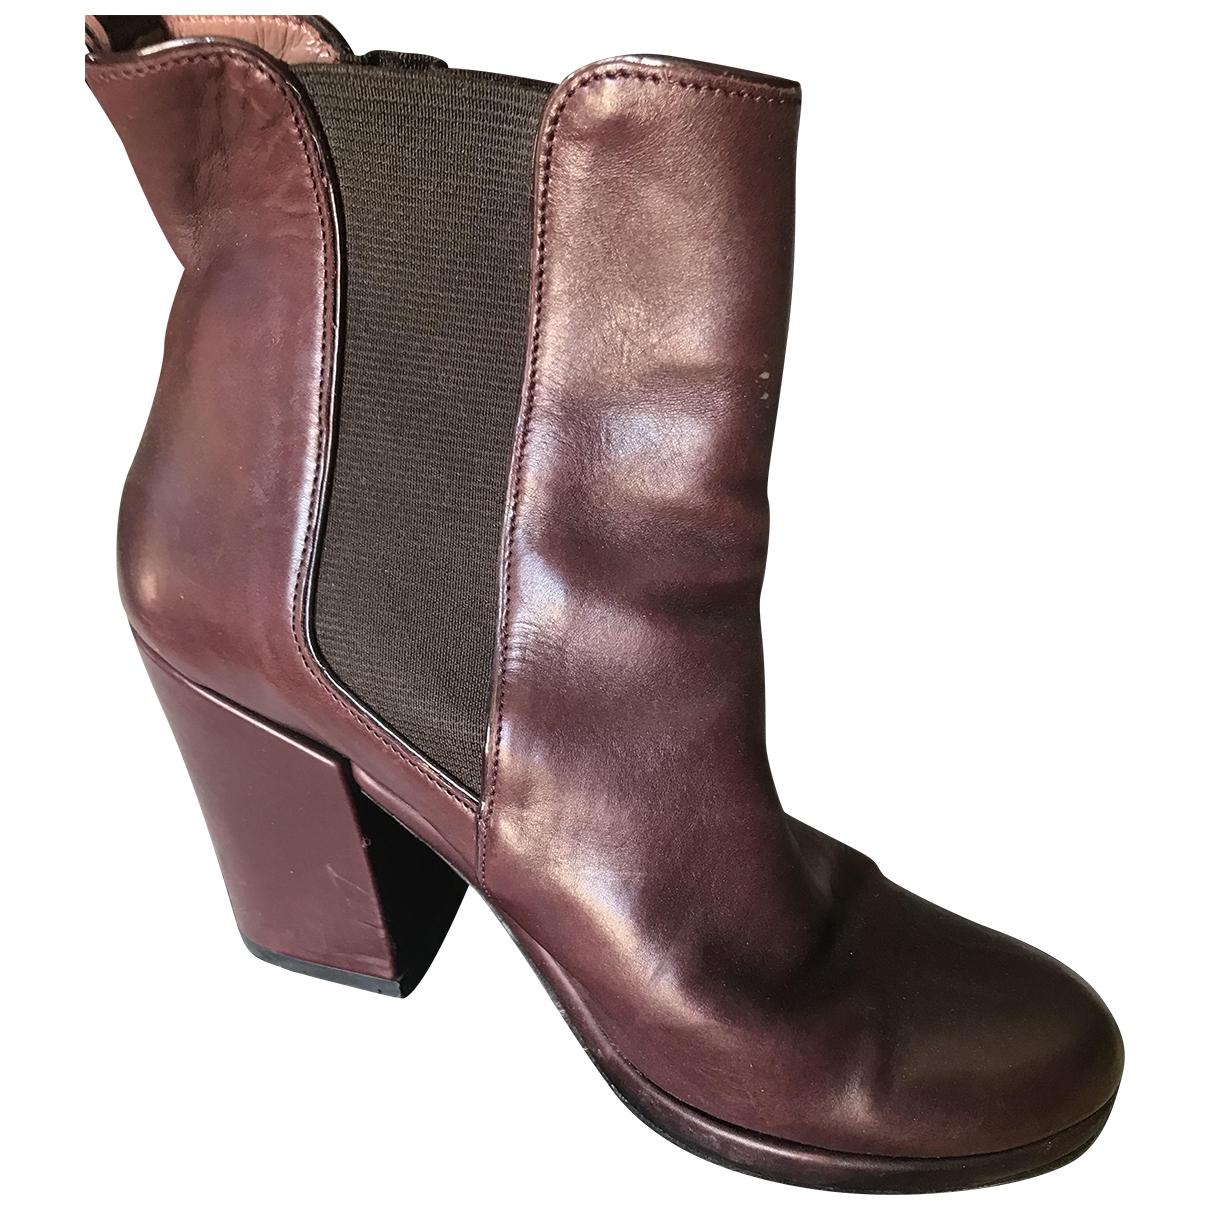 Robert Clergerie - Boots   pour femme en cuir - bordeaux